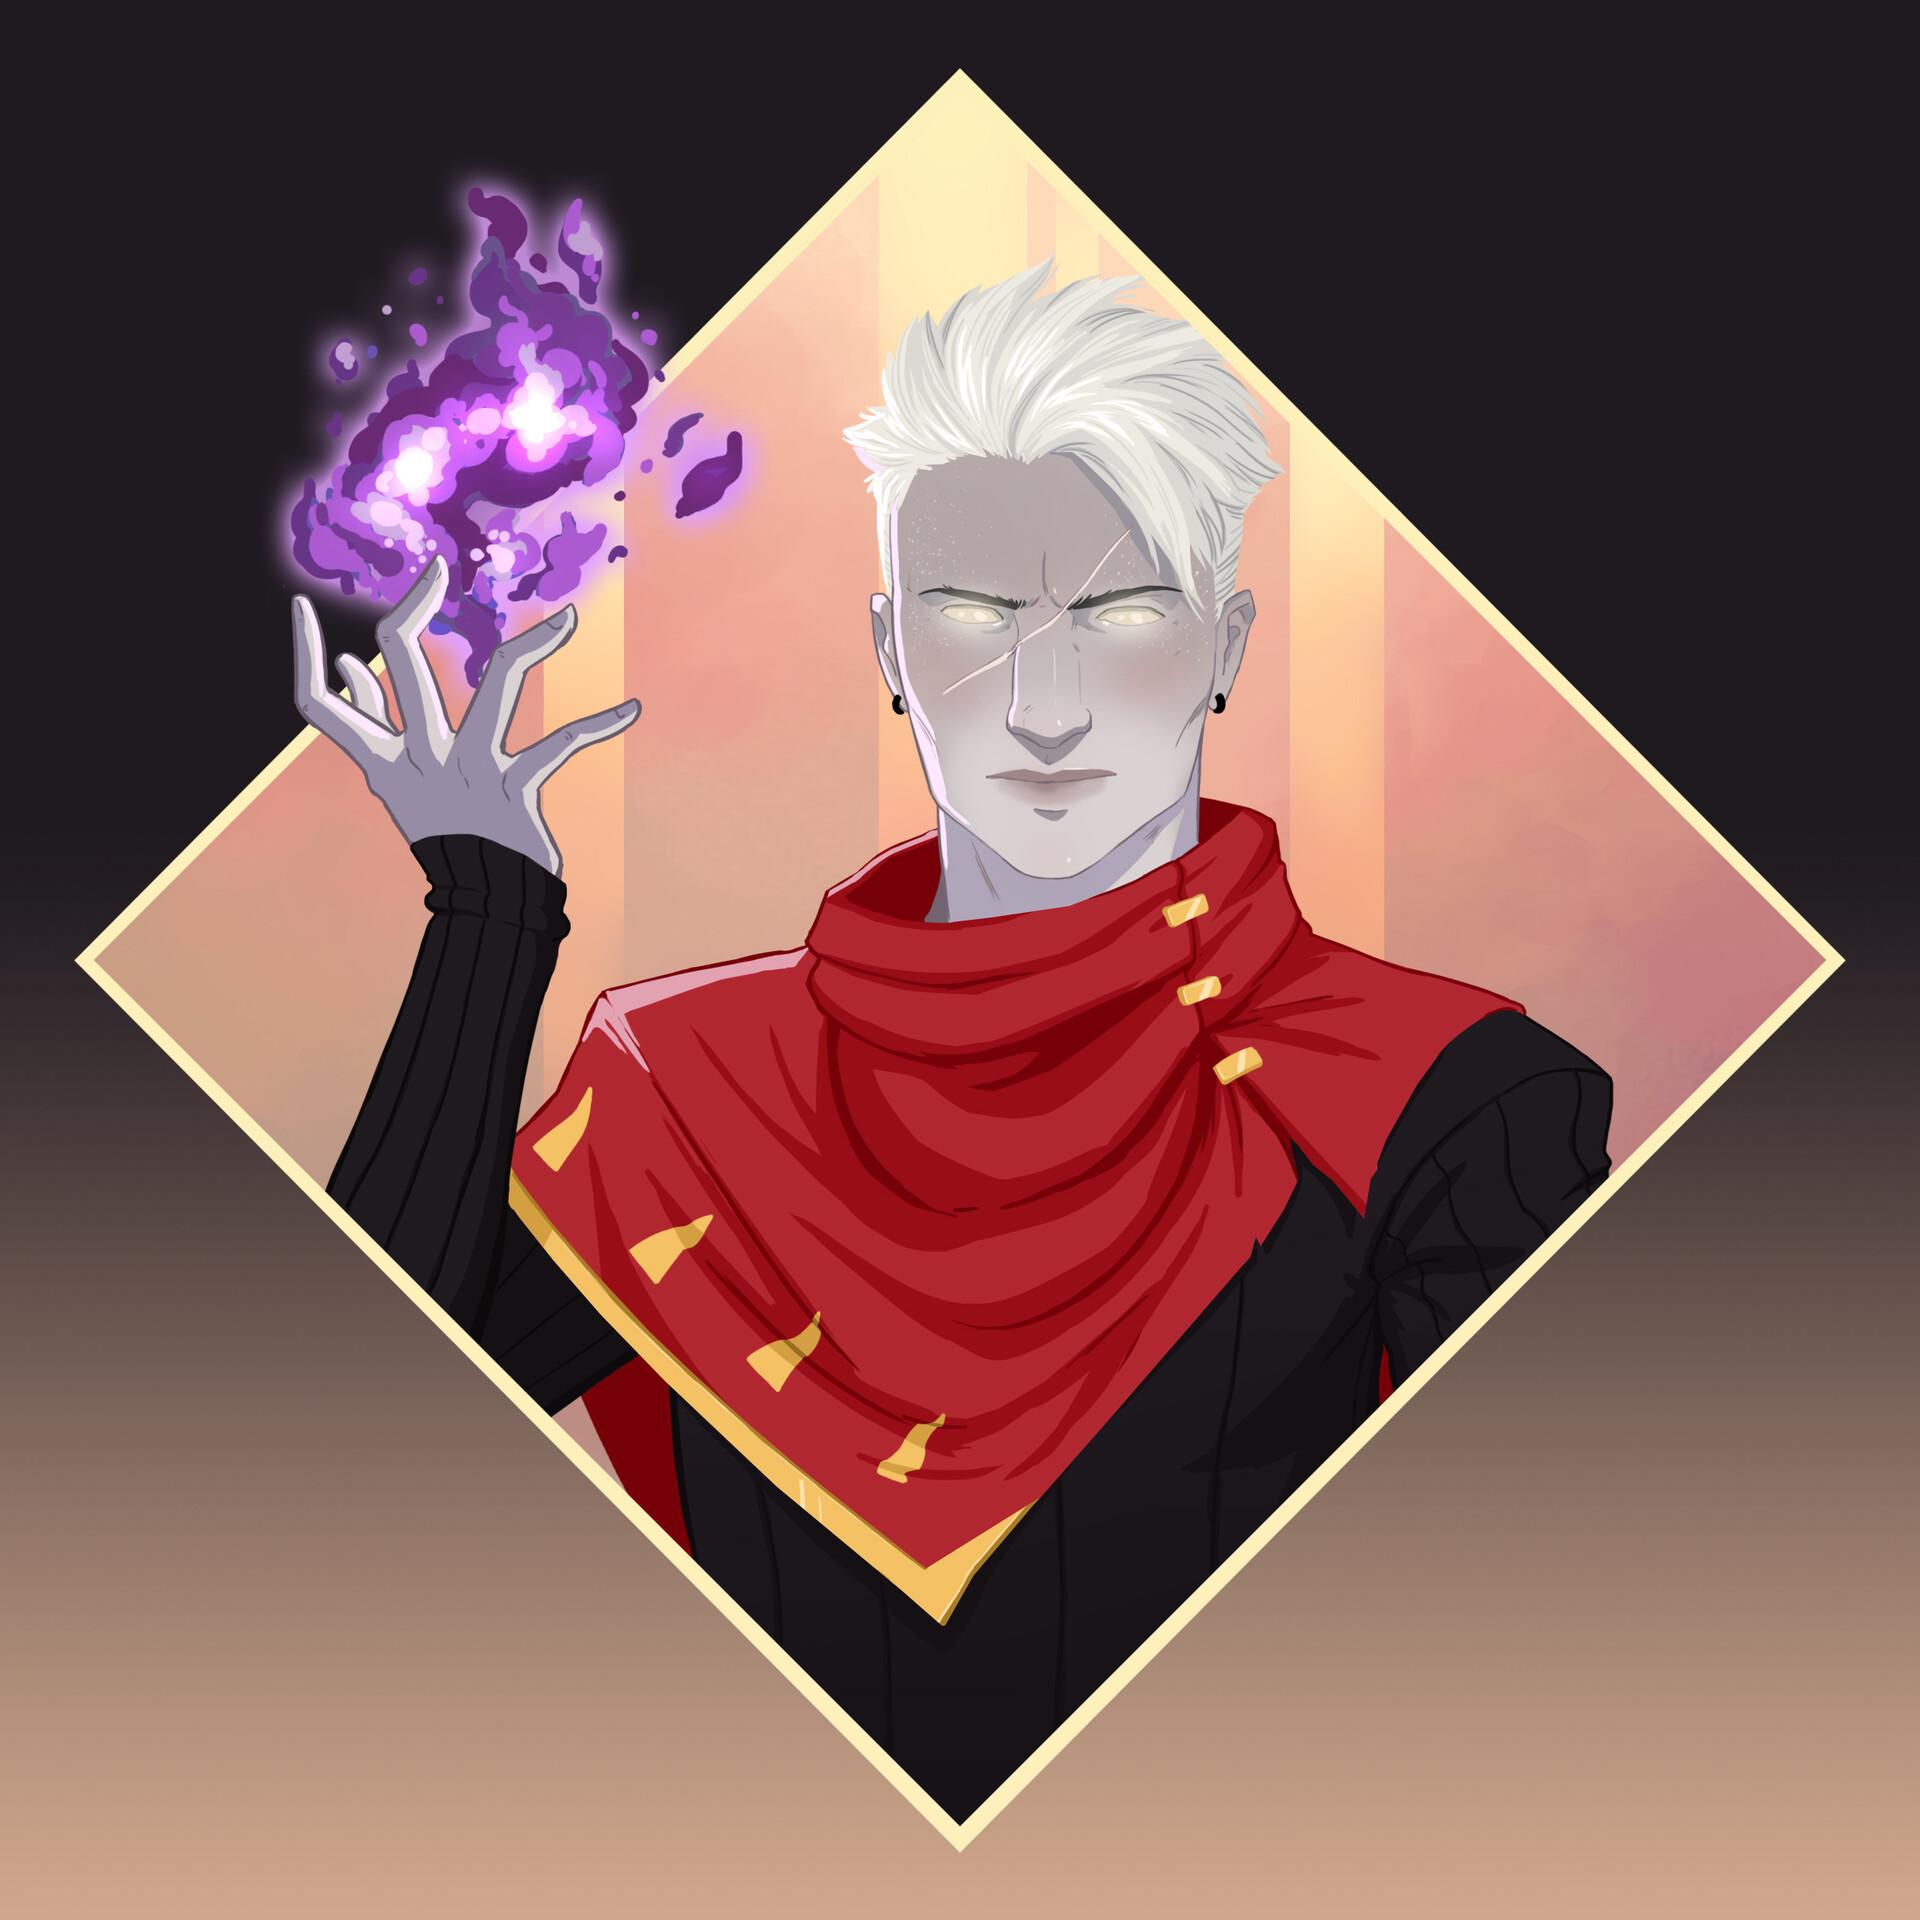 Aasimar Sorcerer artstation - zoltar, the fallen aasimar sorcerer, vinicius goro